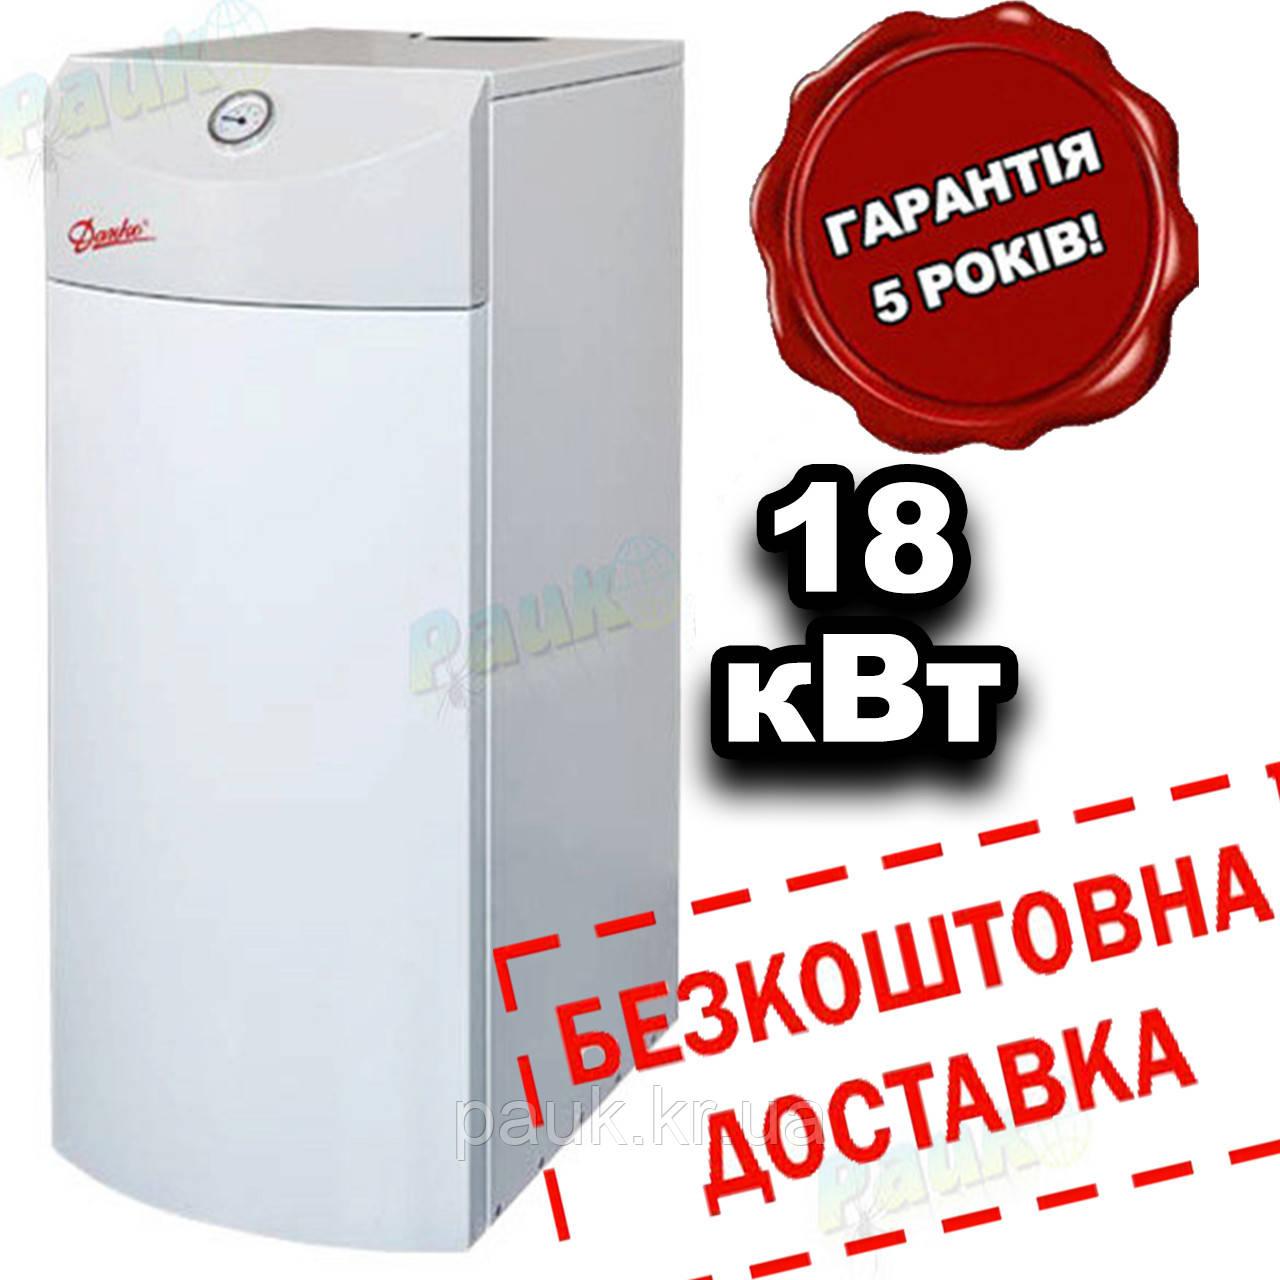 Котел Данко газовый 18В кВт двухконтурный(автоматика КАРЕ)